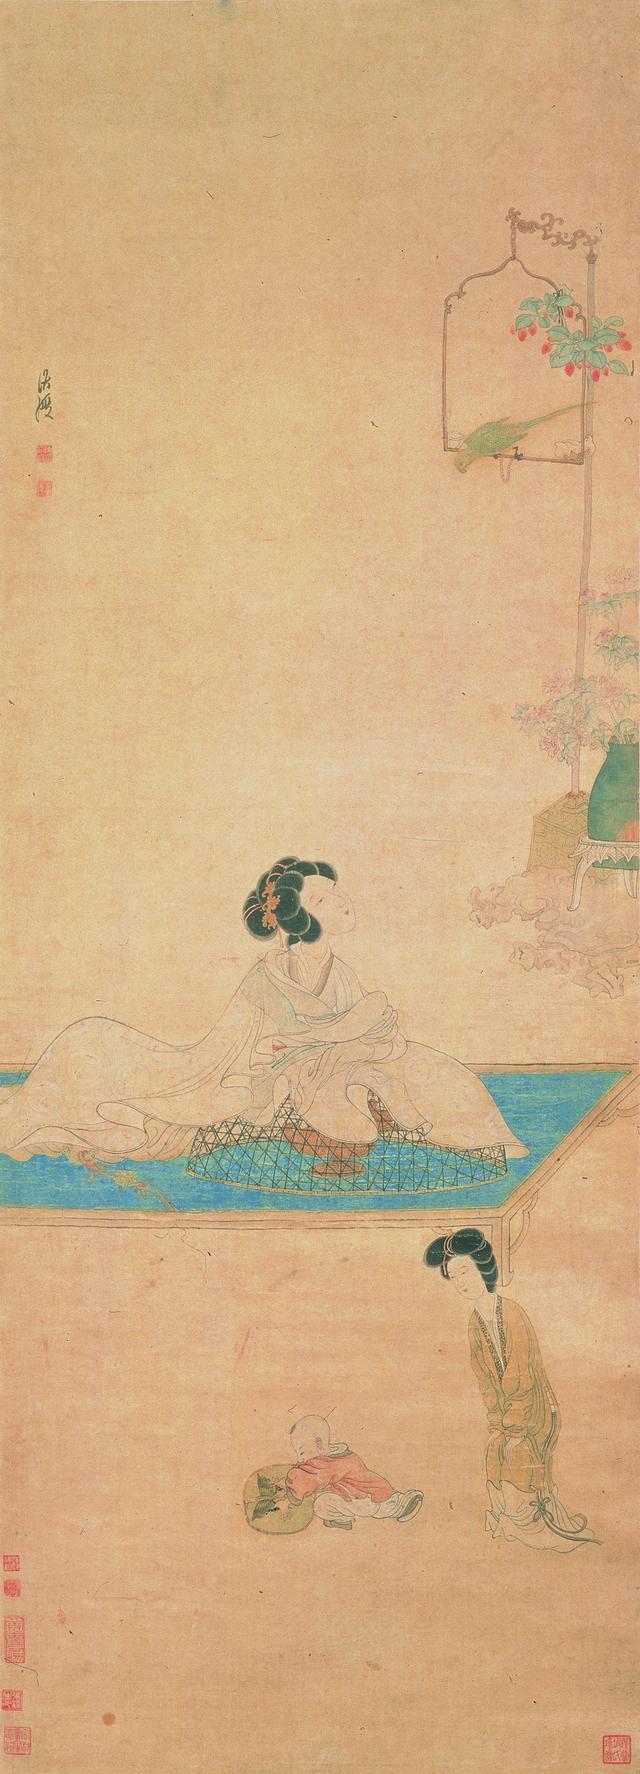 明,陈洪绶《斜倚薰笼图》(上海博物馆藏)